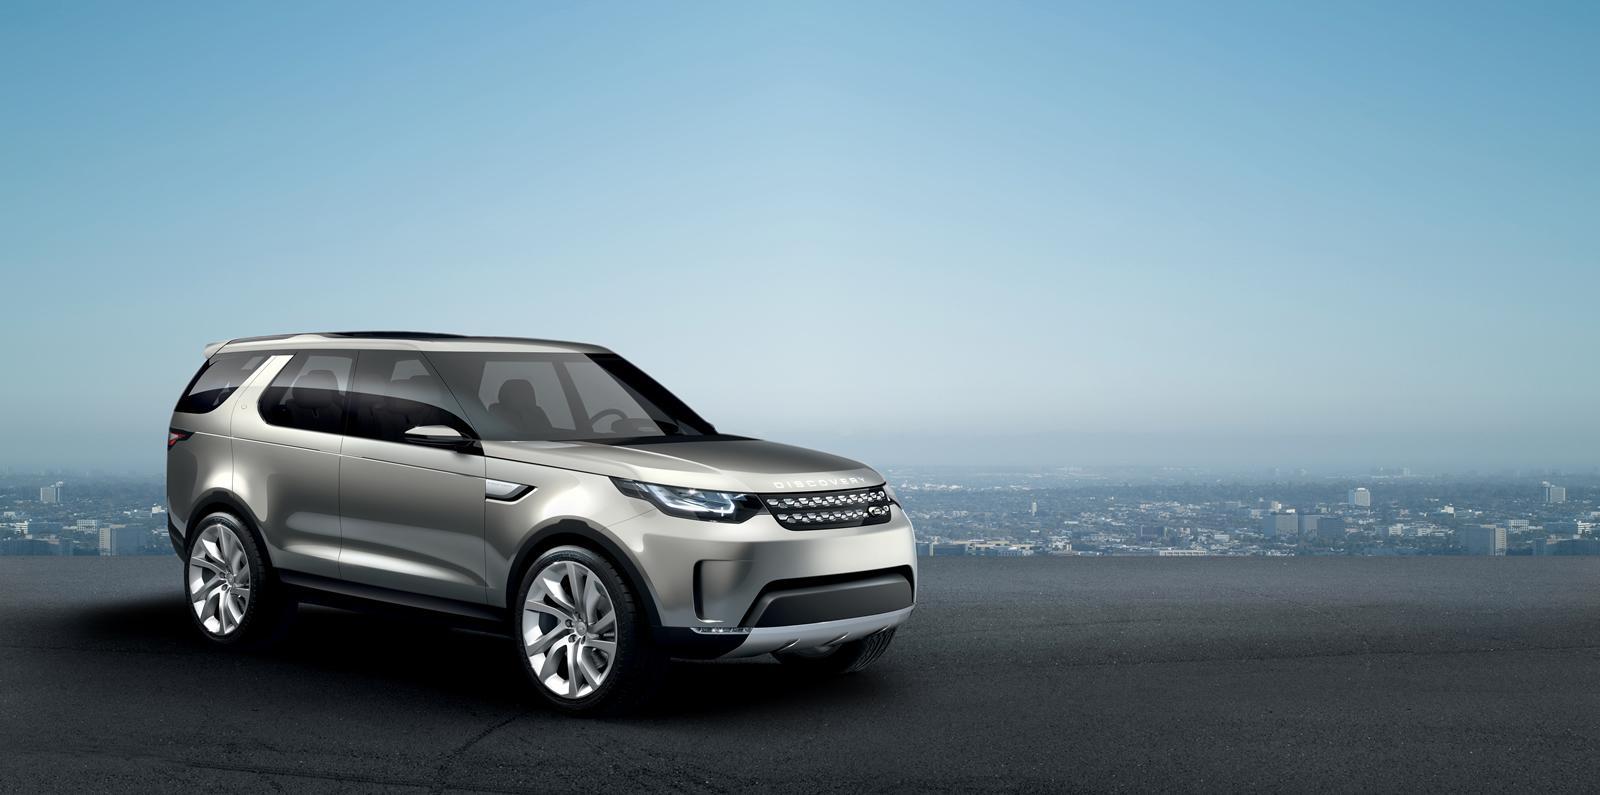 Land Rover Discovery Vision Concept: dati tecnici e interni